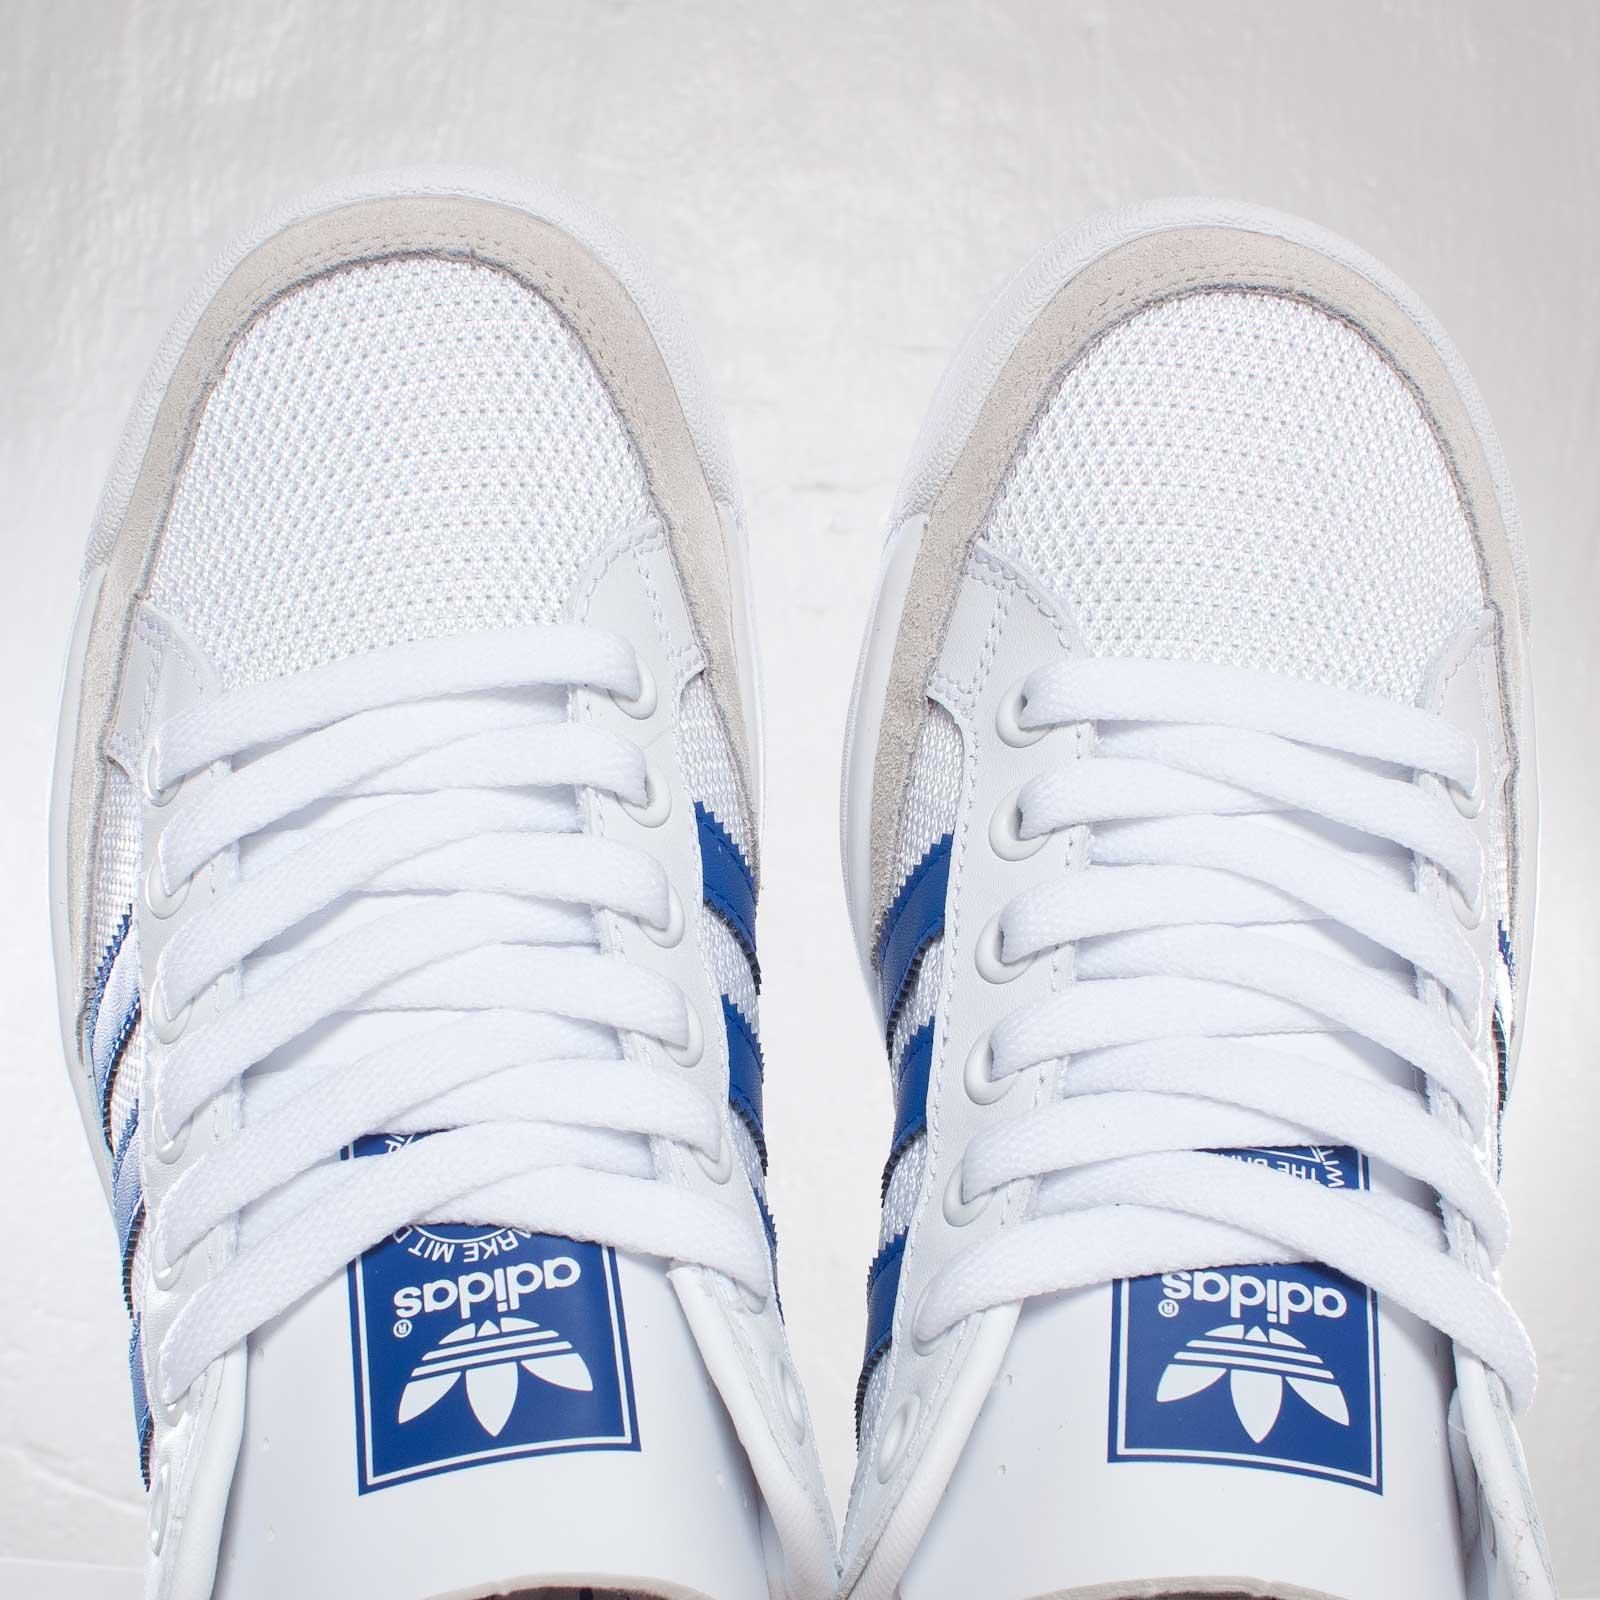 Schiacciata Nike Tennis 0F305 4C5fd Adidas Originali Tennis Nike Indoor c2913b